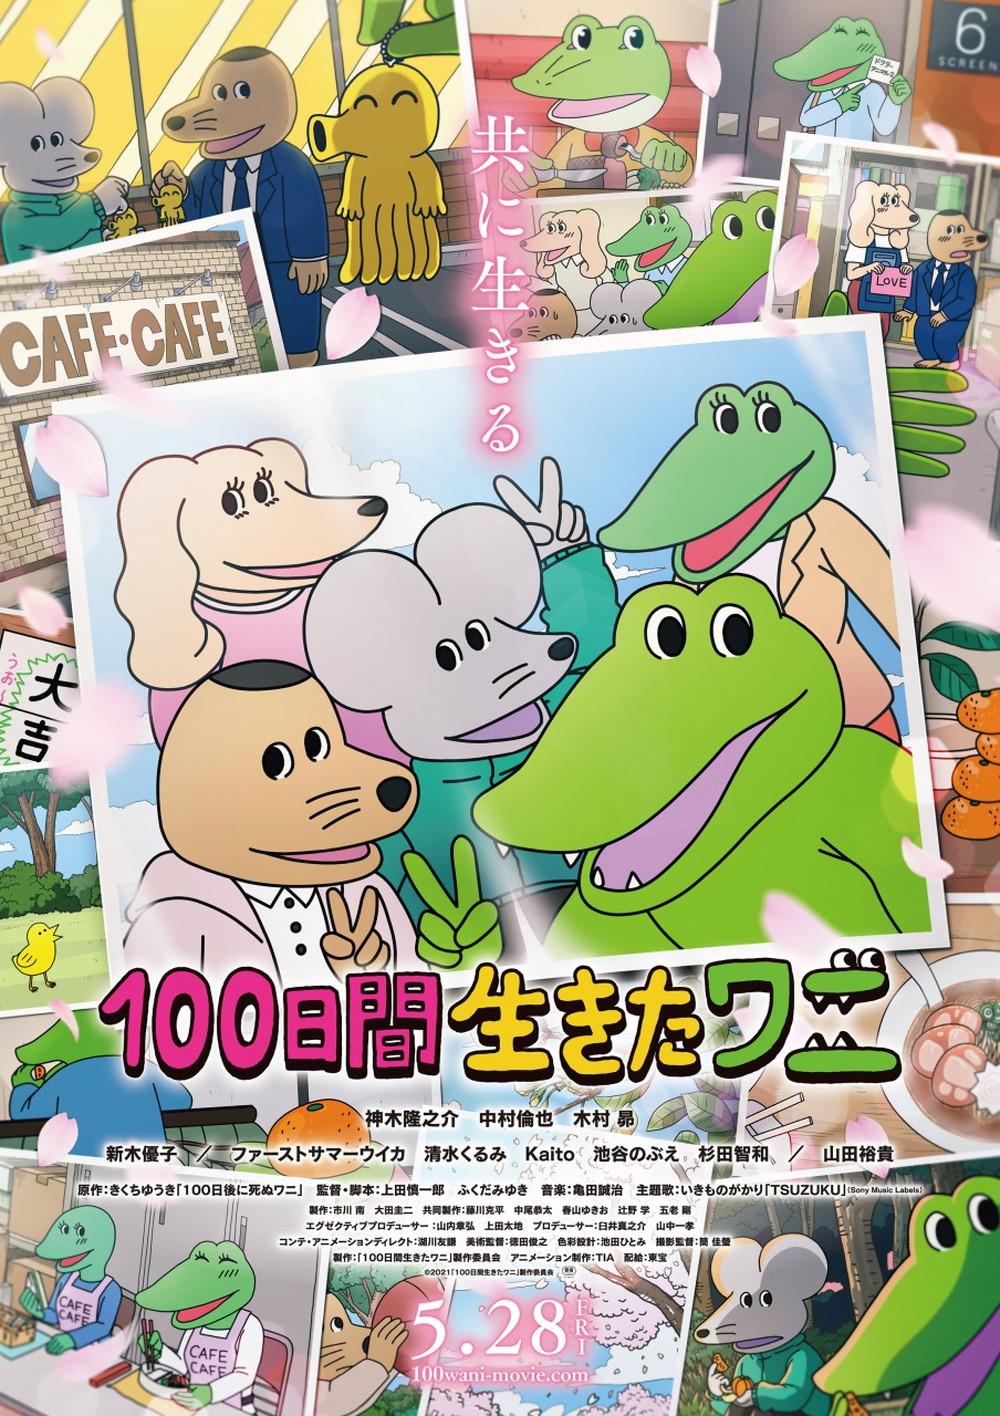 『100日間生きたワニ』ポスタービジュアル